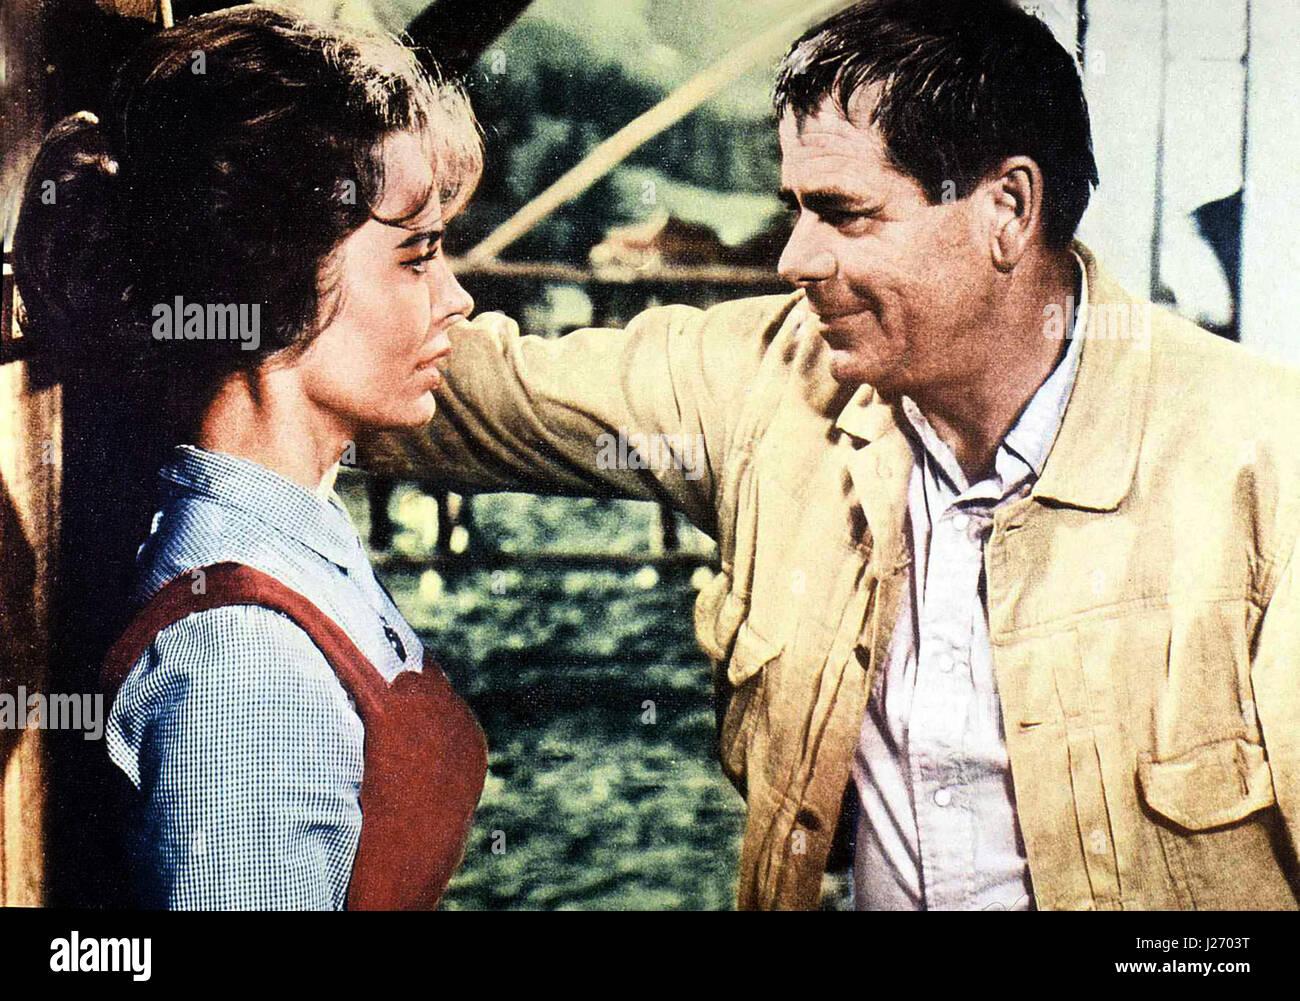 Nebraska aka. The Rounders, USA 1965  Regie: Burt Kennedy Darsteller: Glenn Ford, Henry Fonda, Sue Ane Langdon - Stock Image